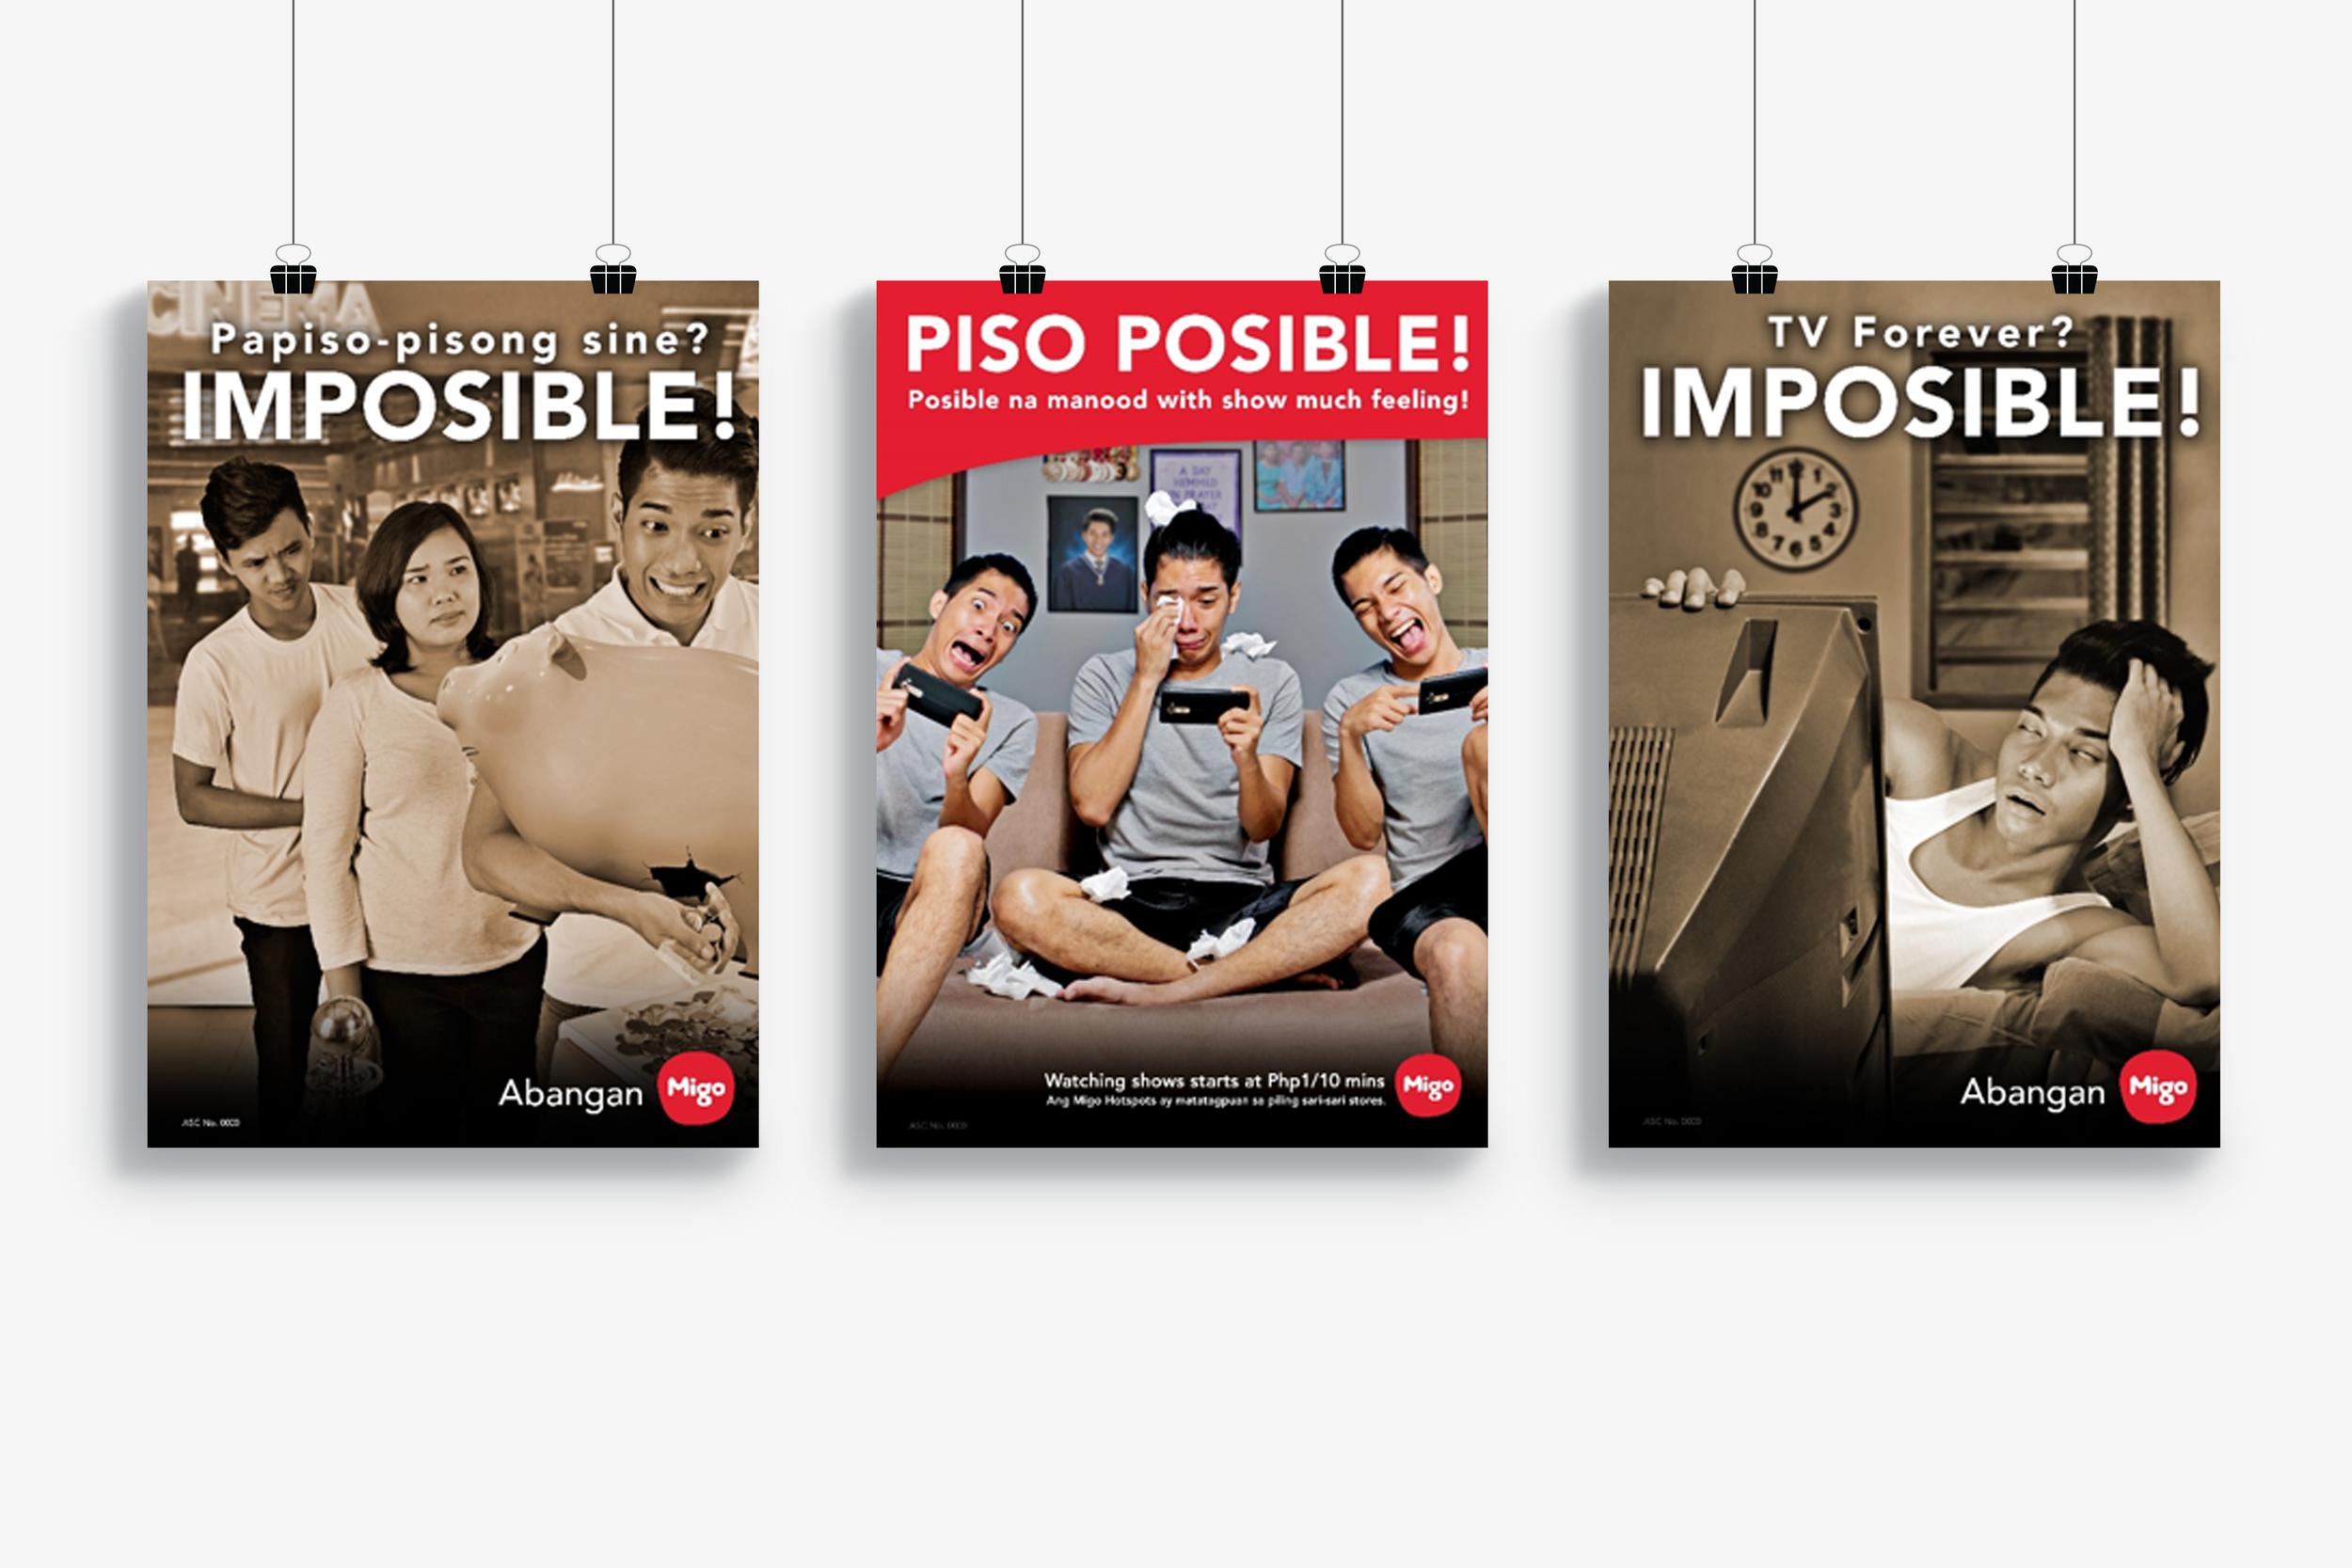 Migo Piso Posible Thumbnail.png